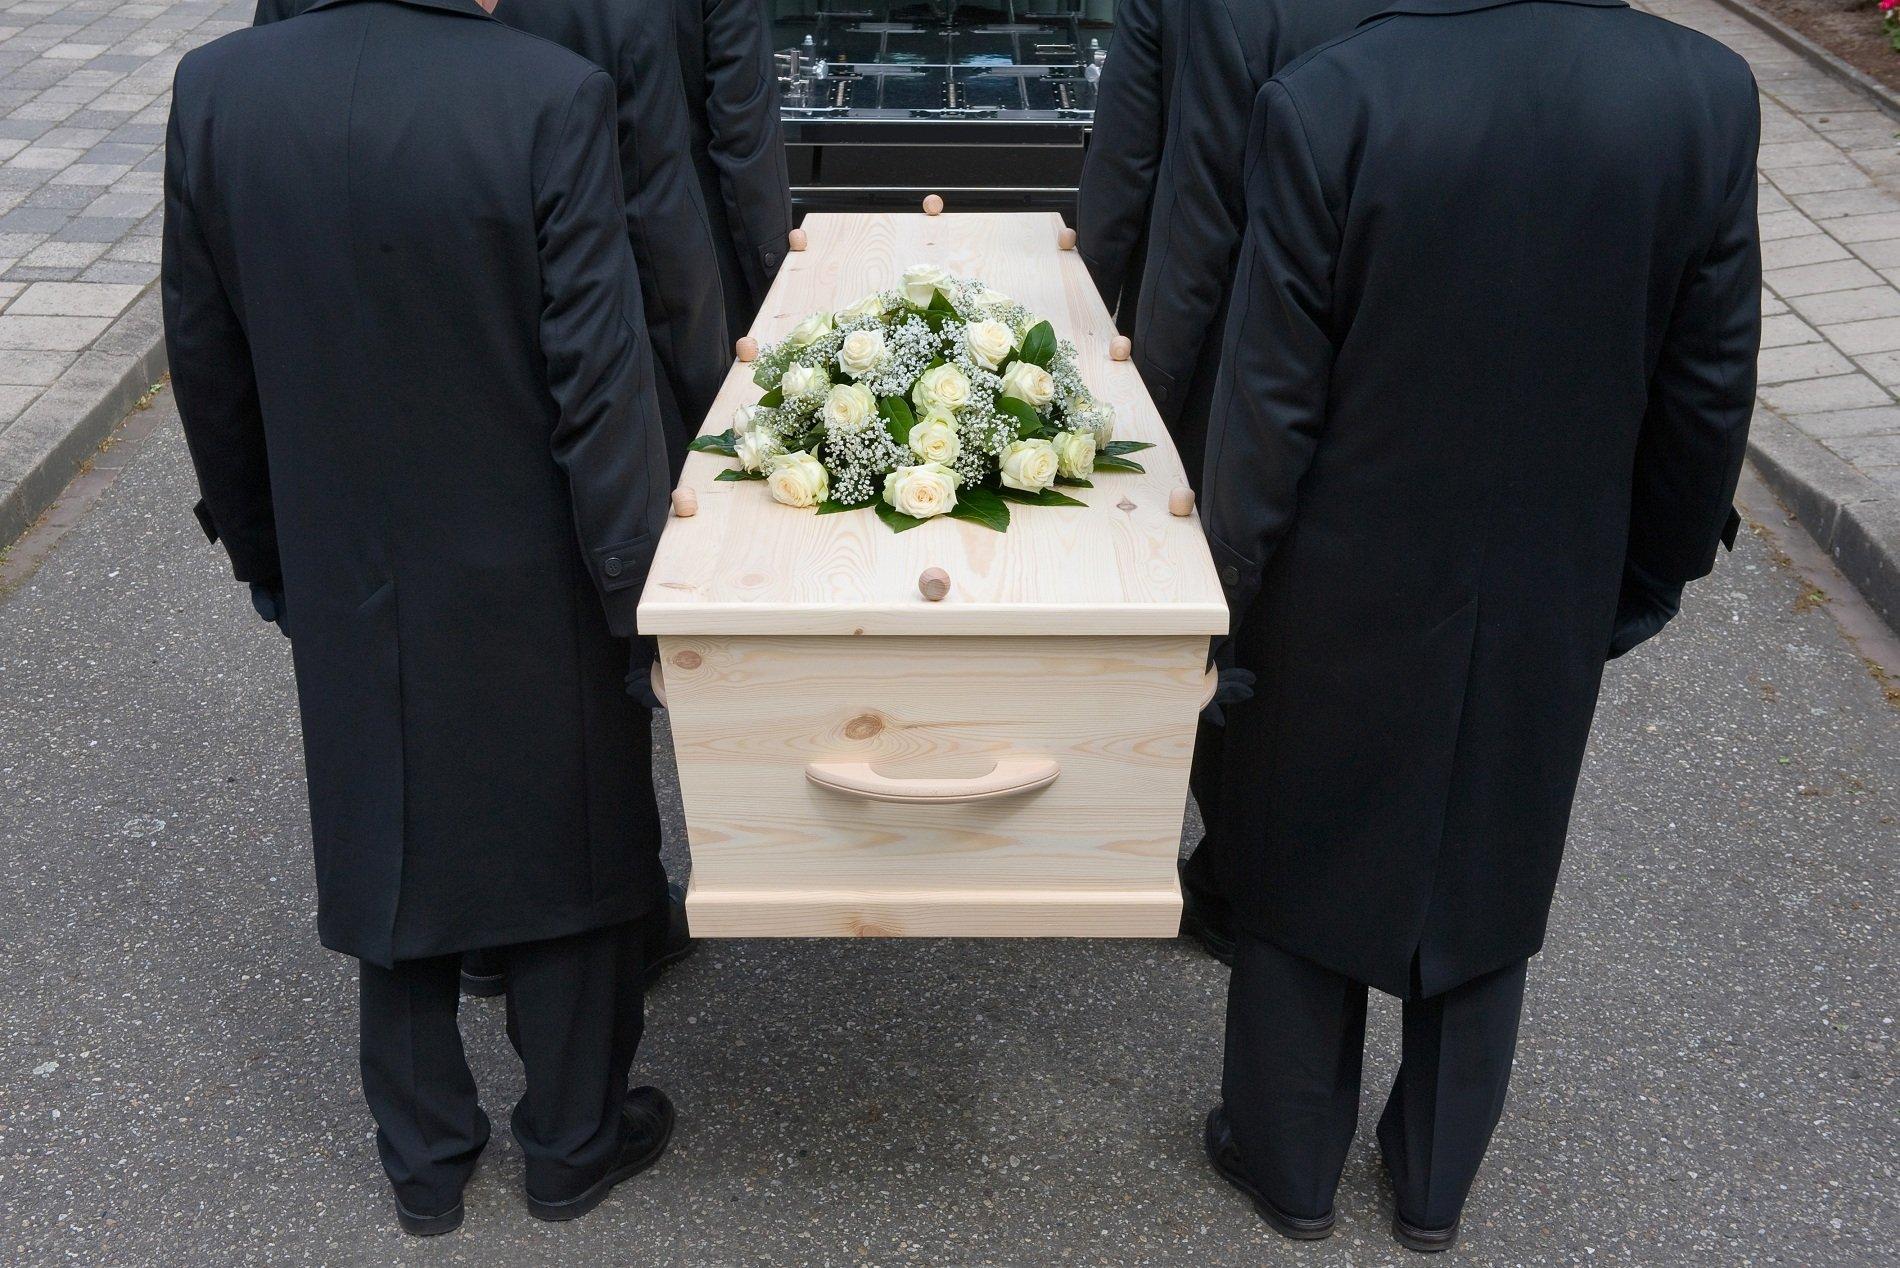 Sei uomini portando una bara in legno chiaro con rose bianche sopra ,al carro funebre